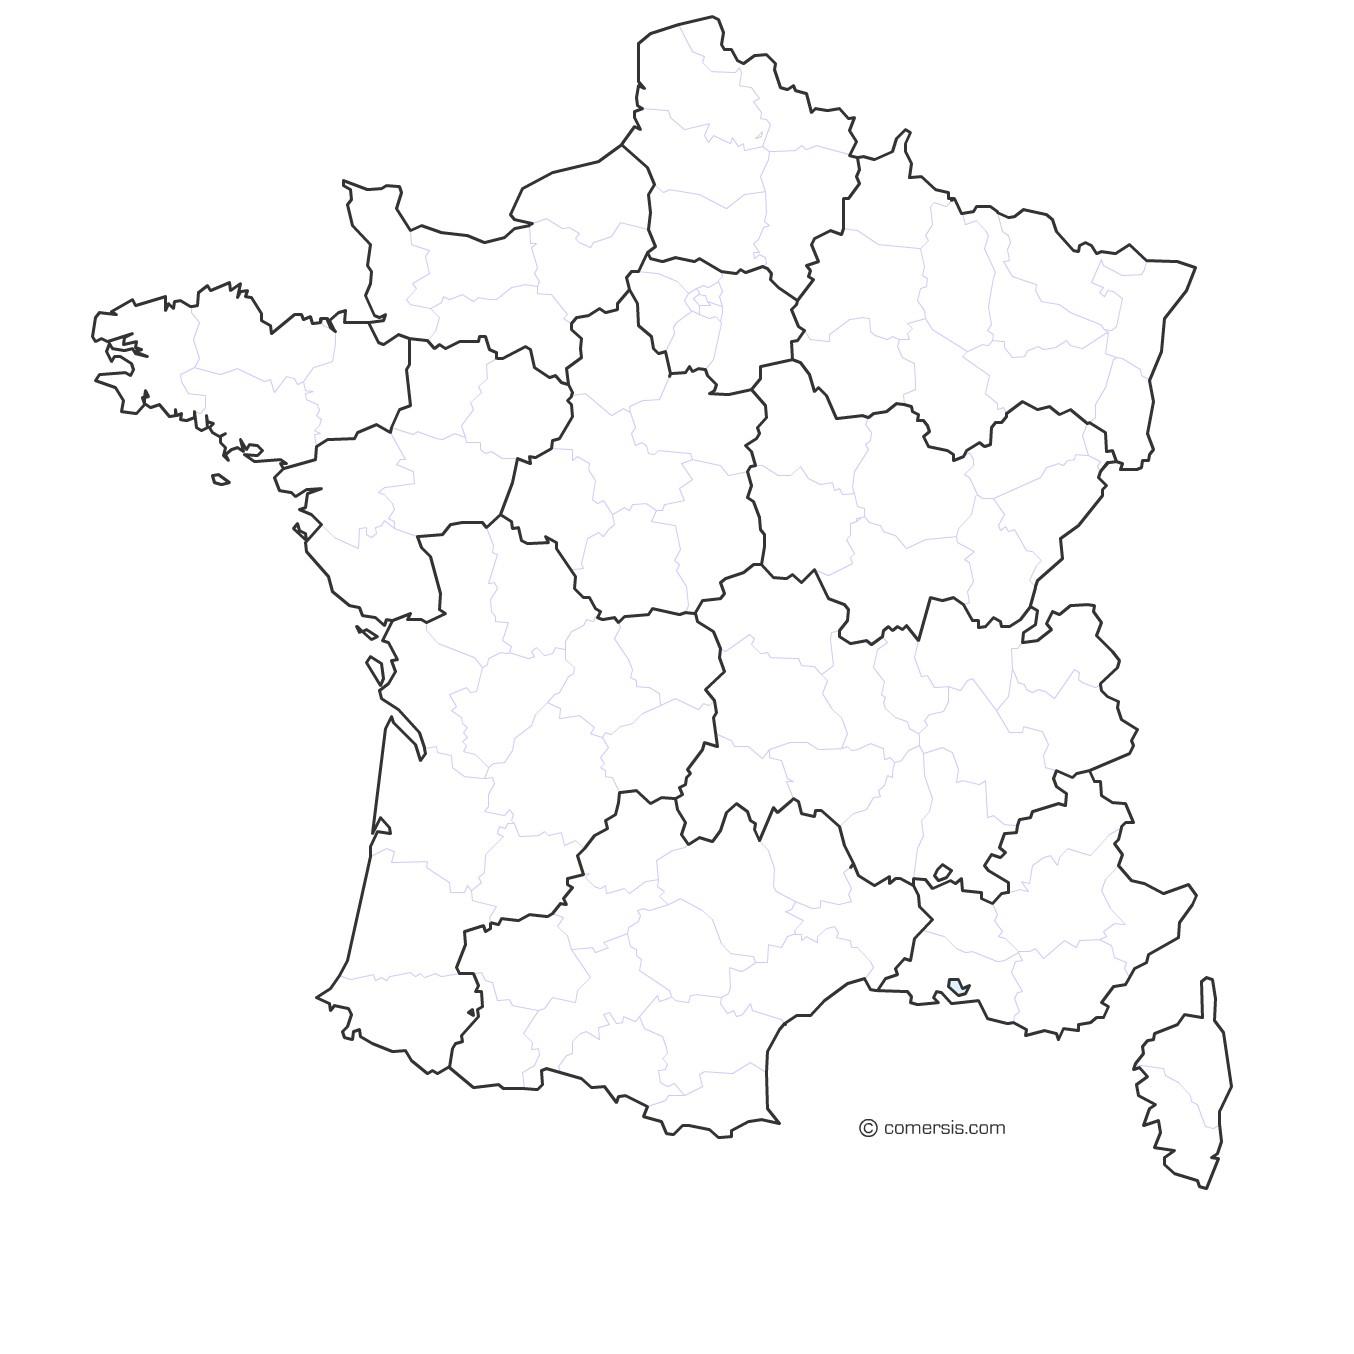 204E Carte France Region | Wiring Library pour La Carte France Departement